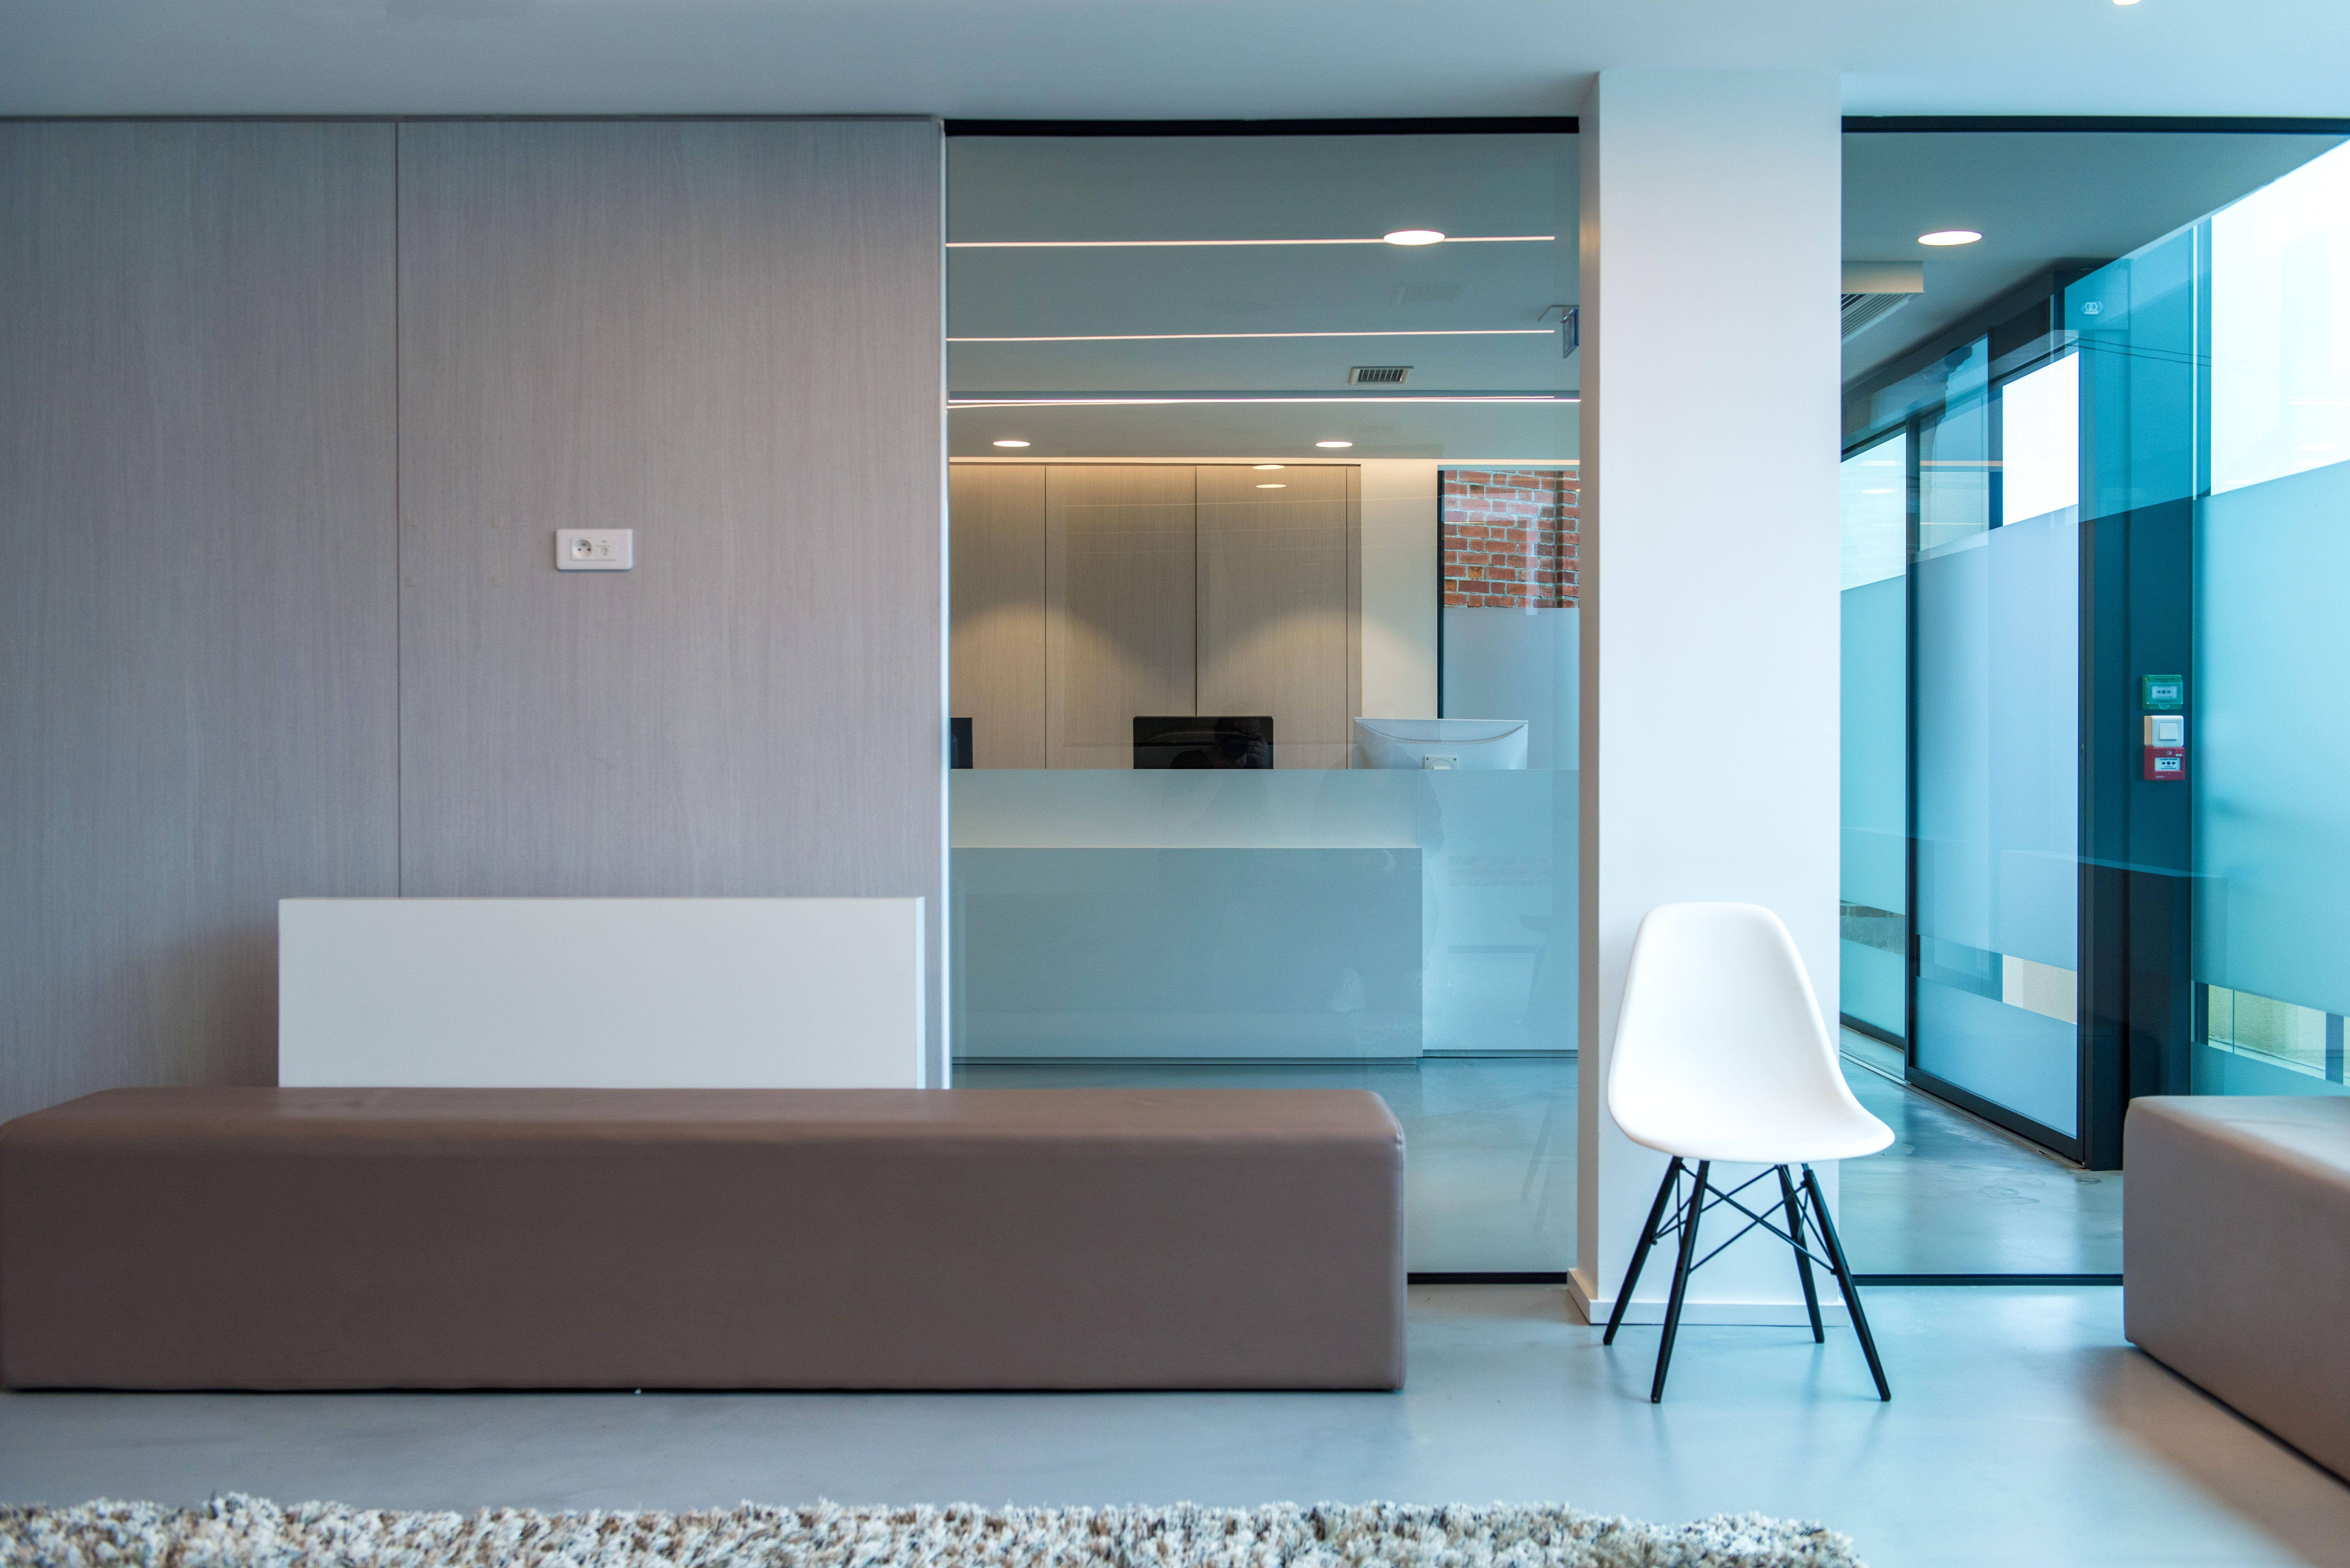 Agencement cabinet médical orthodontie design contemporain